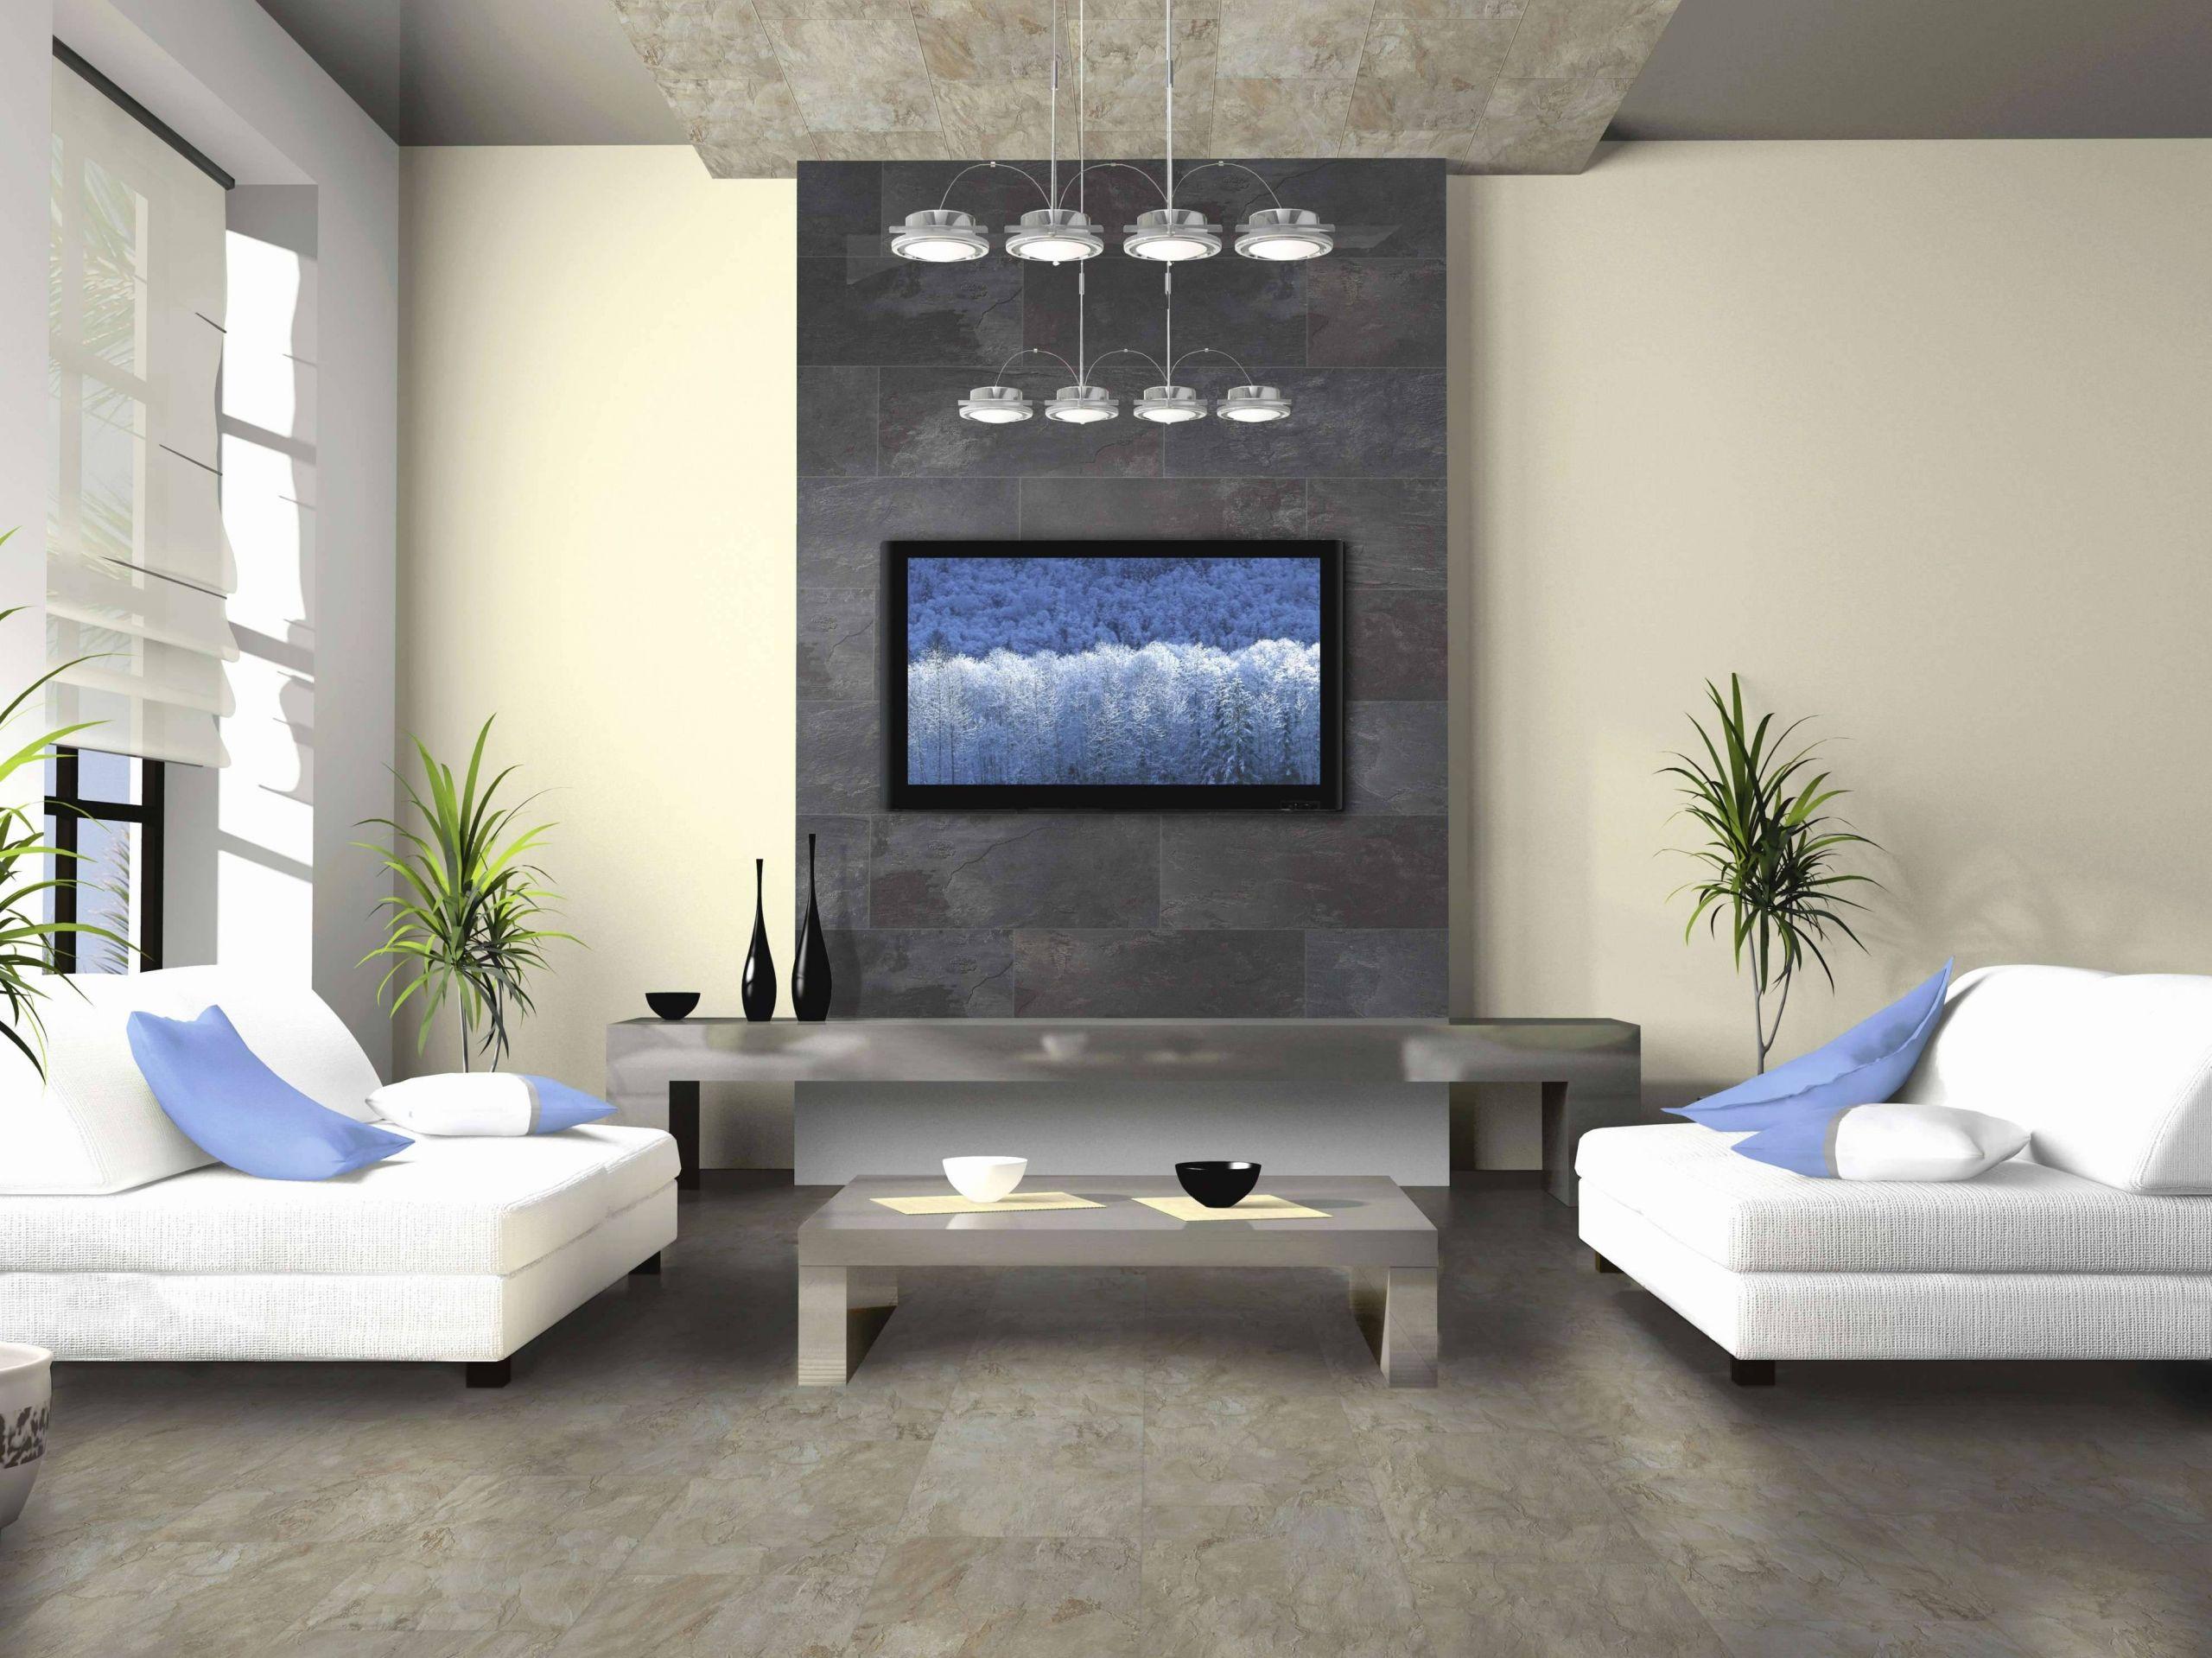 deko fur wohnzimmer ideen luxus deko ideen of deko fur wohnzimmer ideen